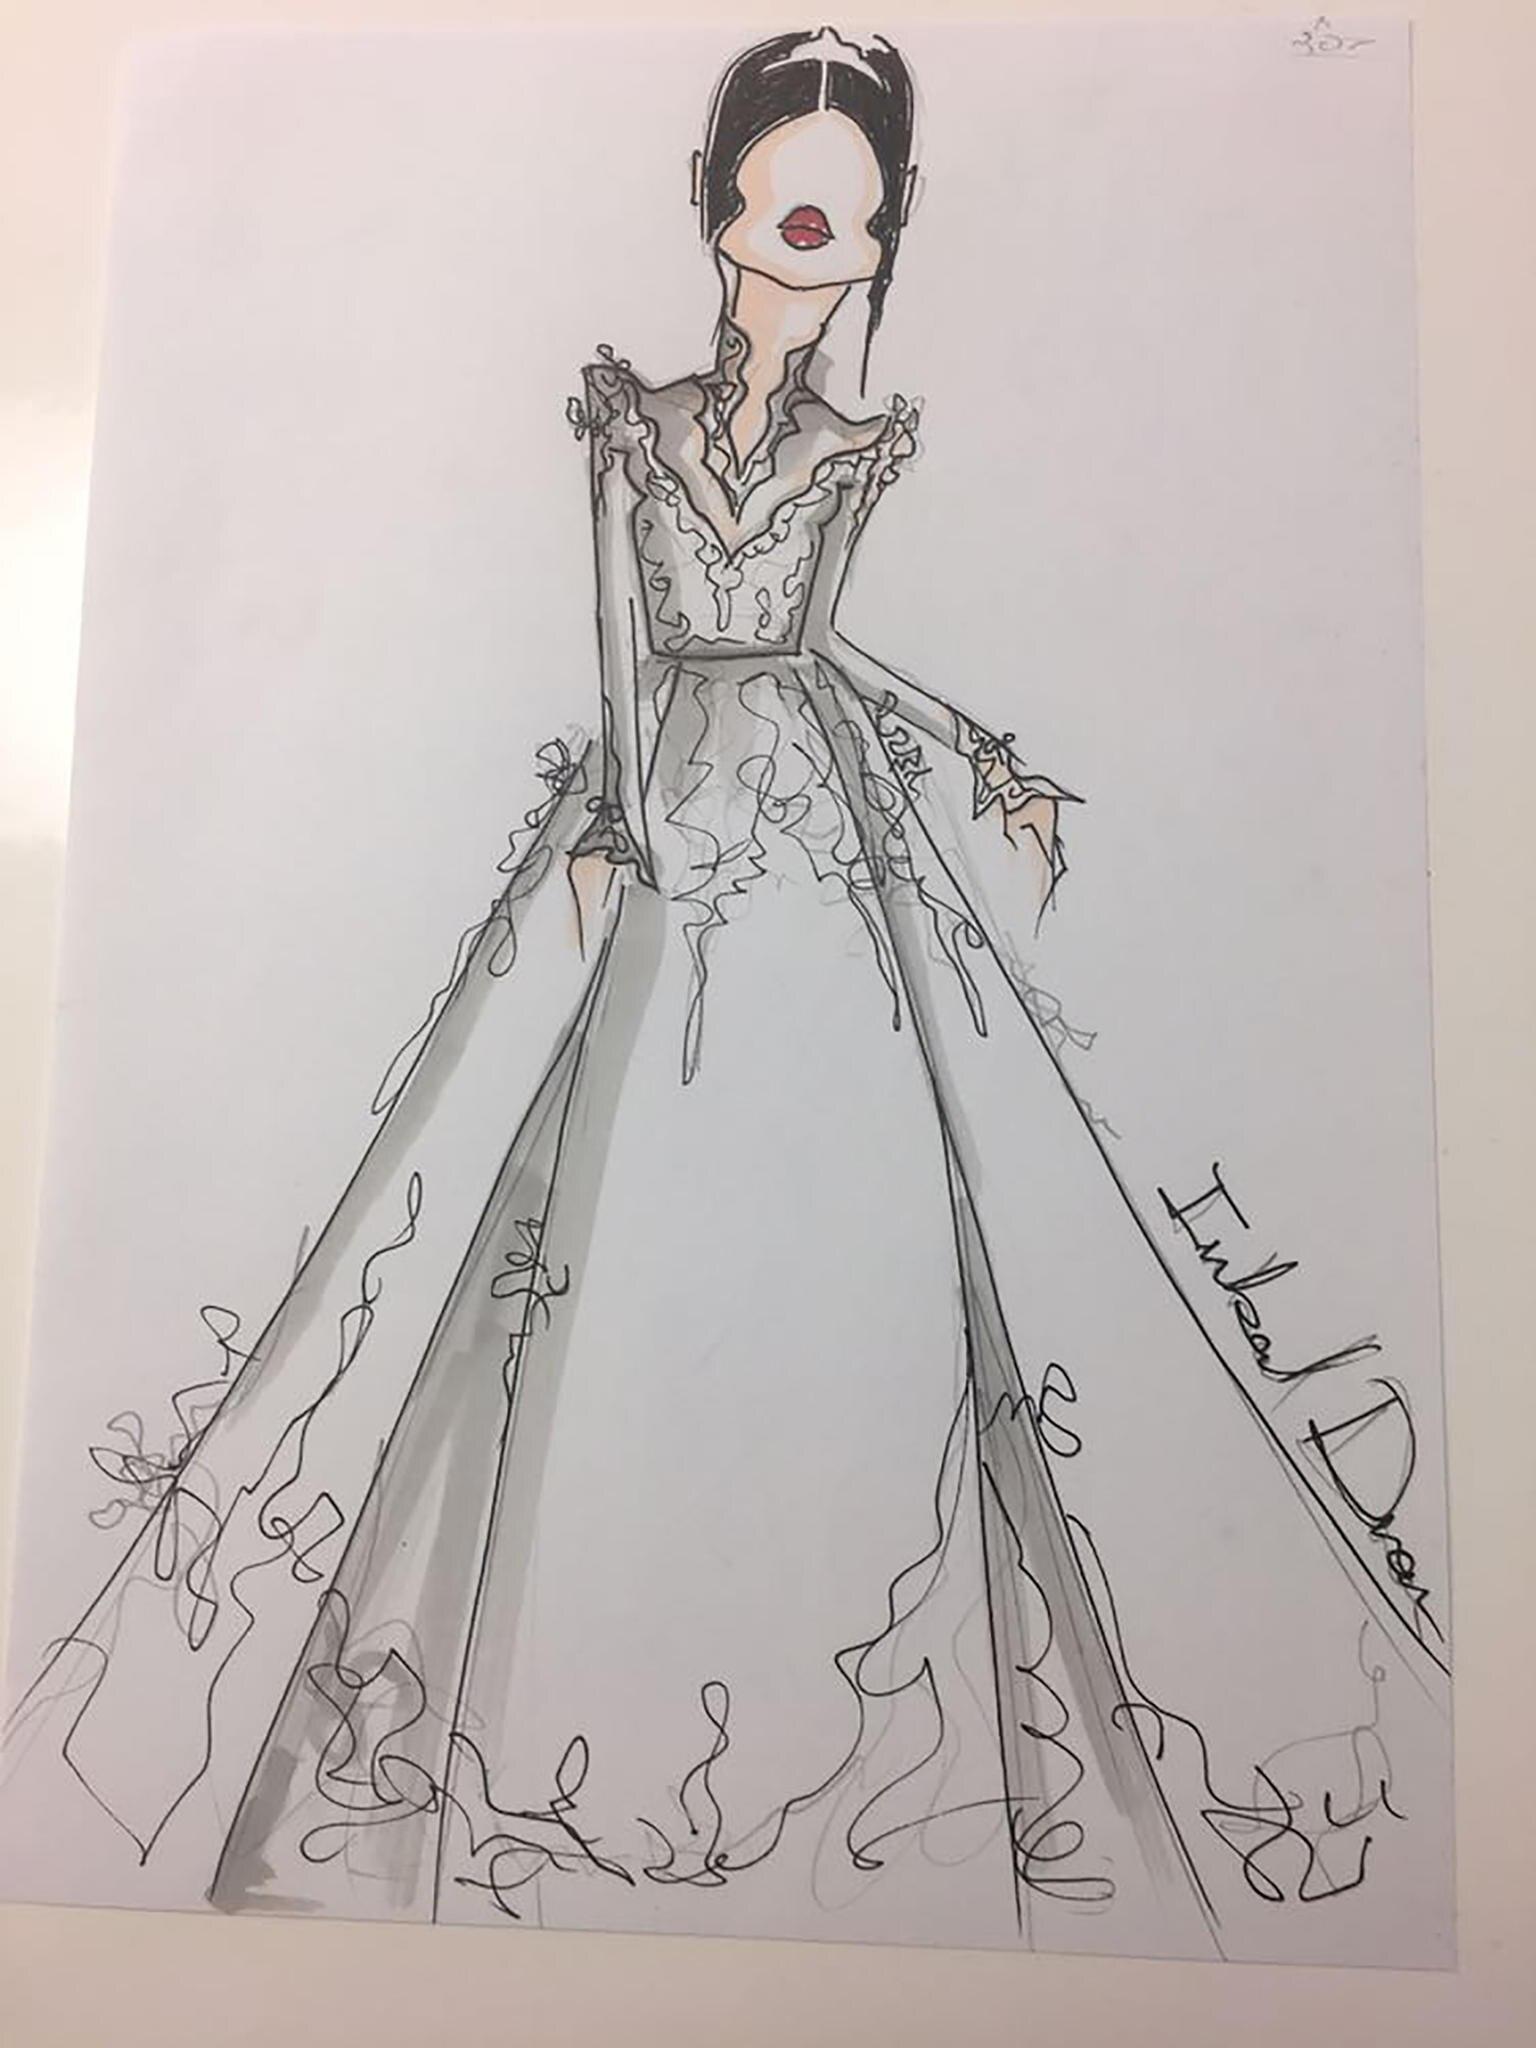 Am 19. Mai werden sich Meghan Markle und Prinz Harry das Ja-Wort geben. Seit der Bekanntgabe ihrer Verlobung interessiert natürlich vor allem ein Thema: Wie wird Meghans Hochzeitskleid aussehen? Nun sind erste Skizzen aufgetaucht.